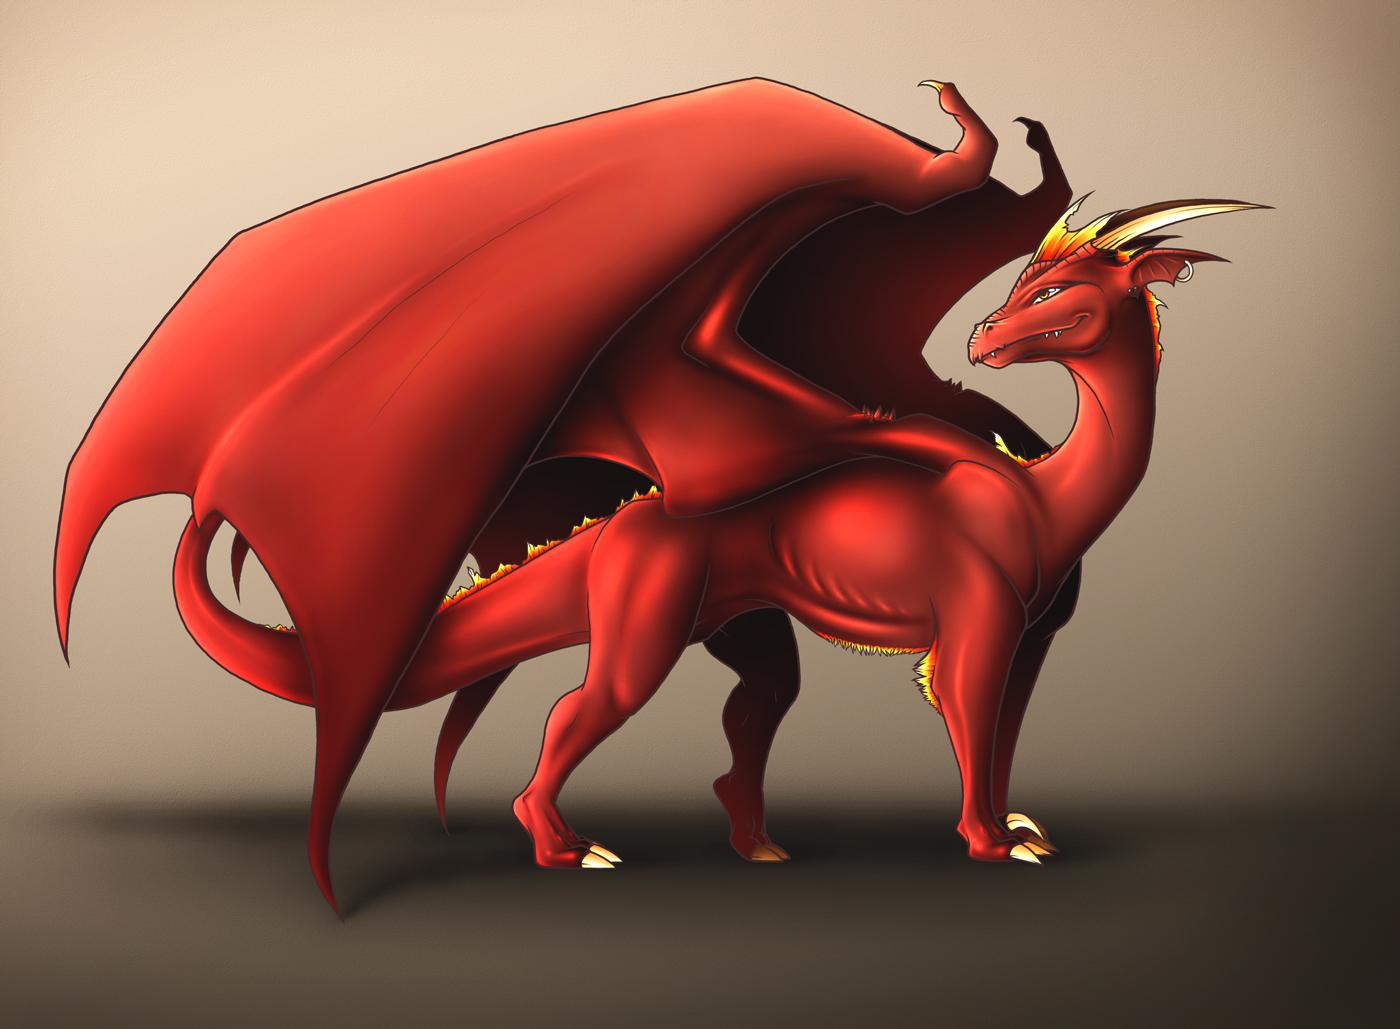 огненный красный дракон с крыльями, фото, скачать обои для рабочего стола